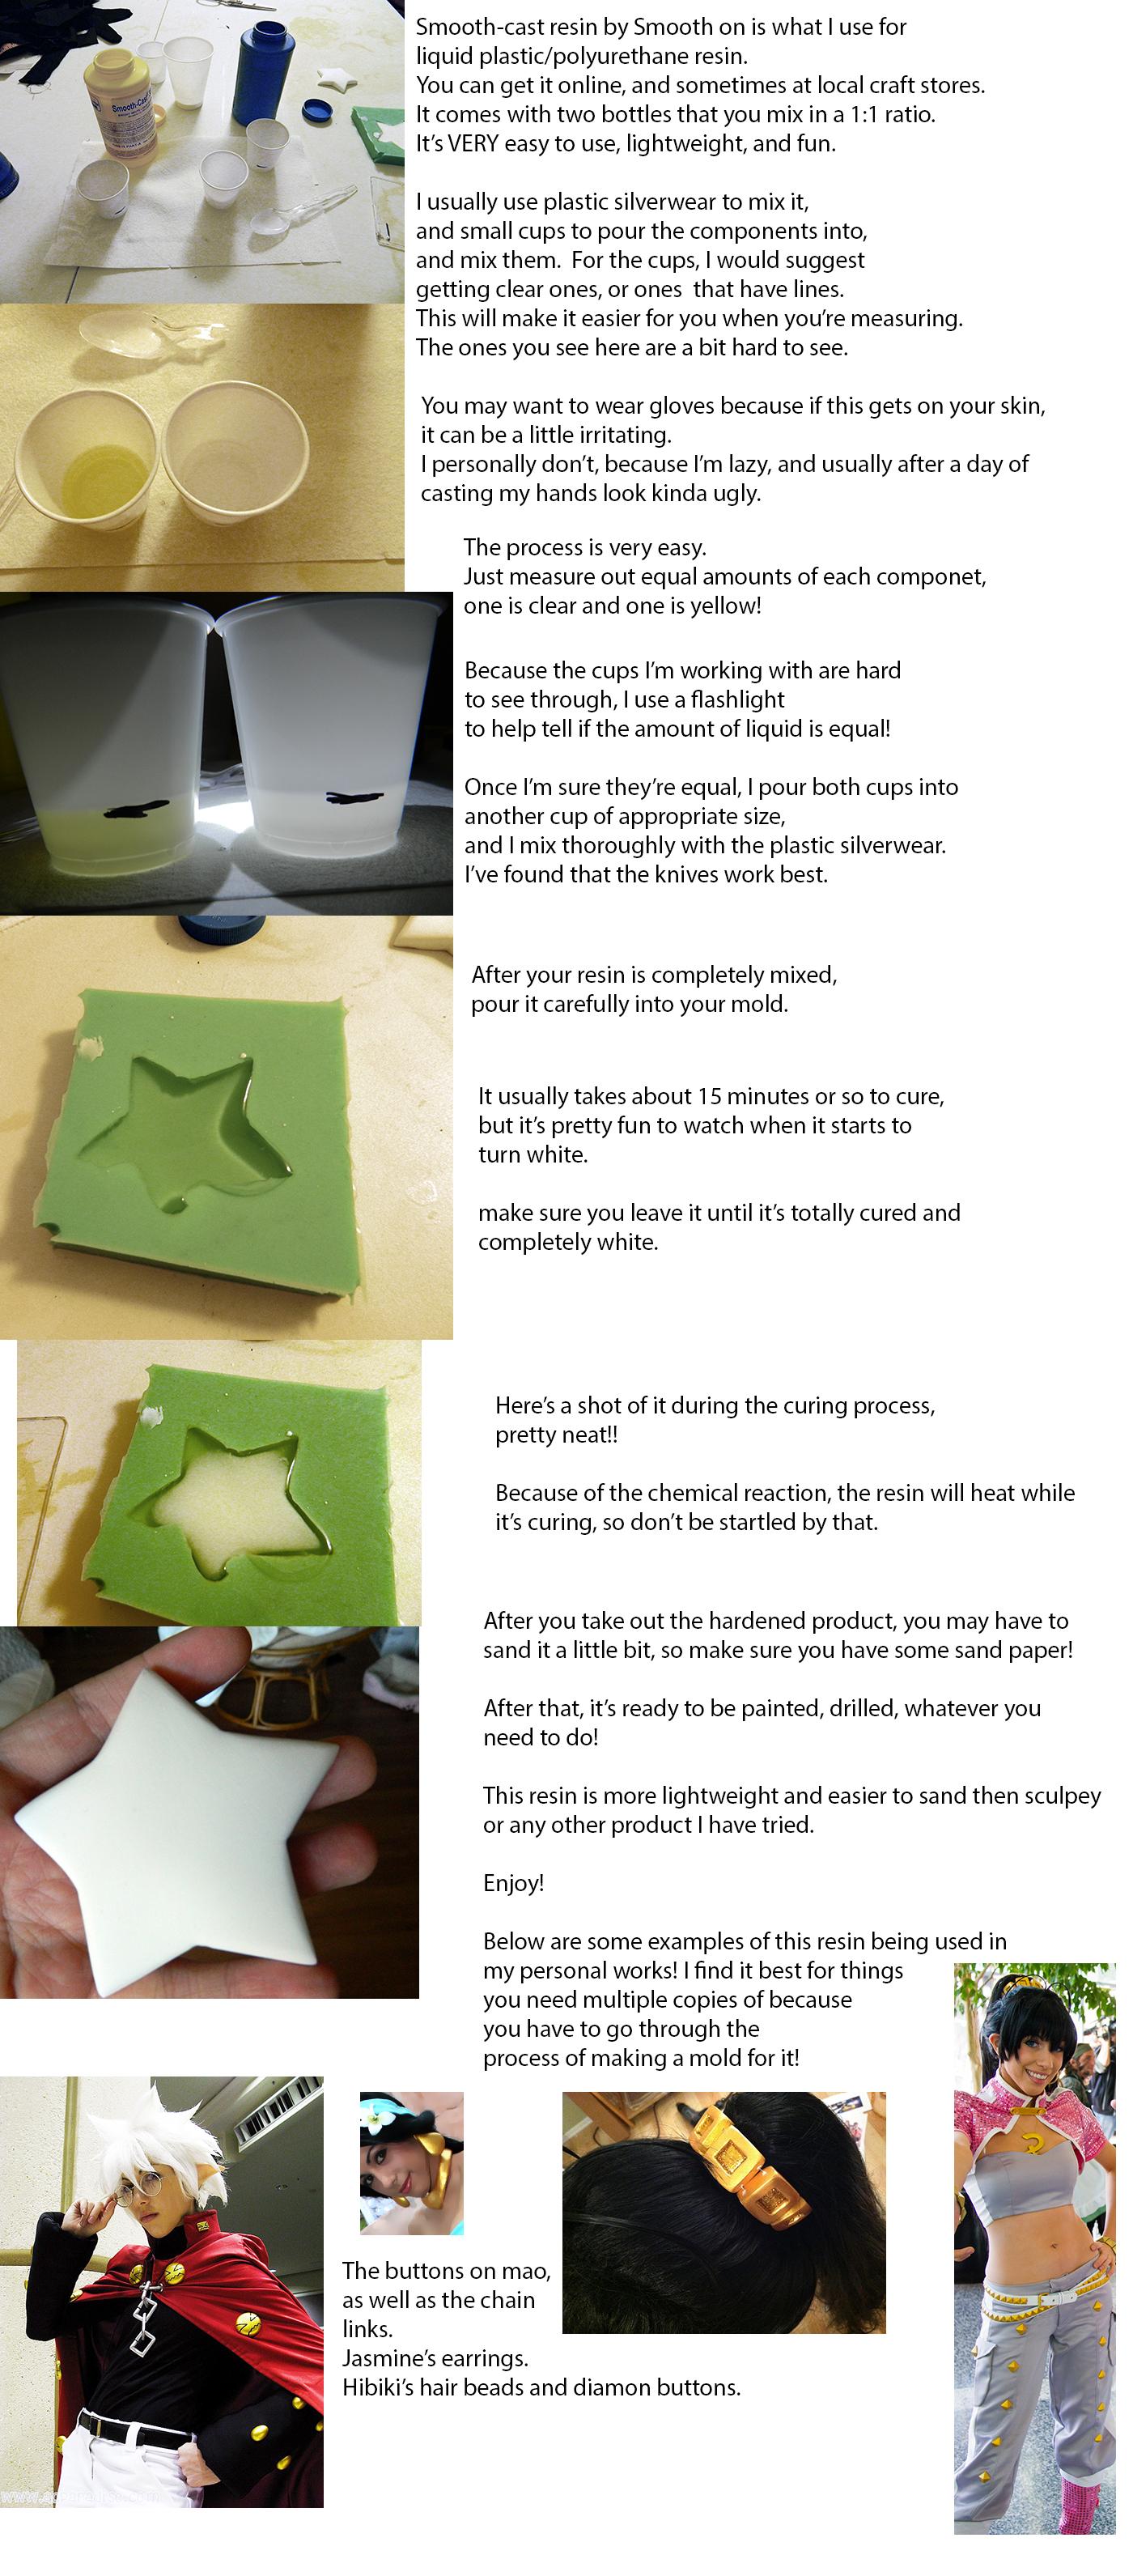 Liquid plastic (resin) tutorial by IchigoKitty